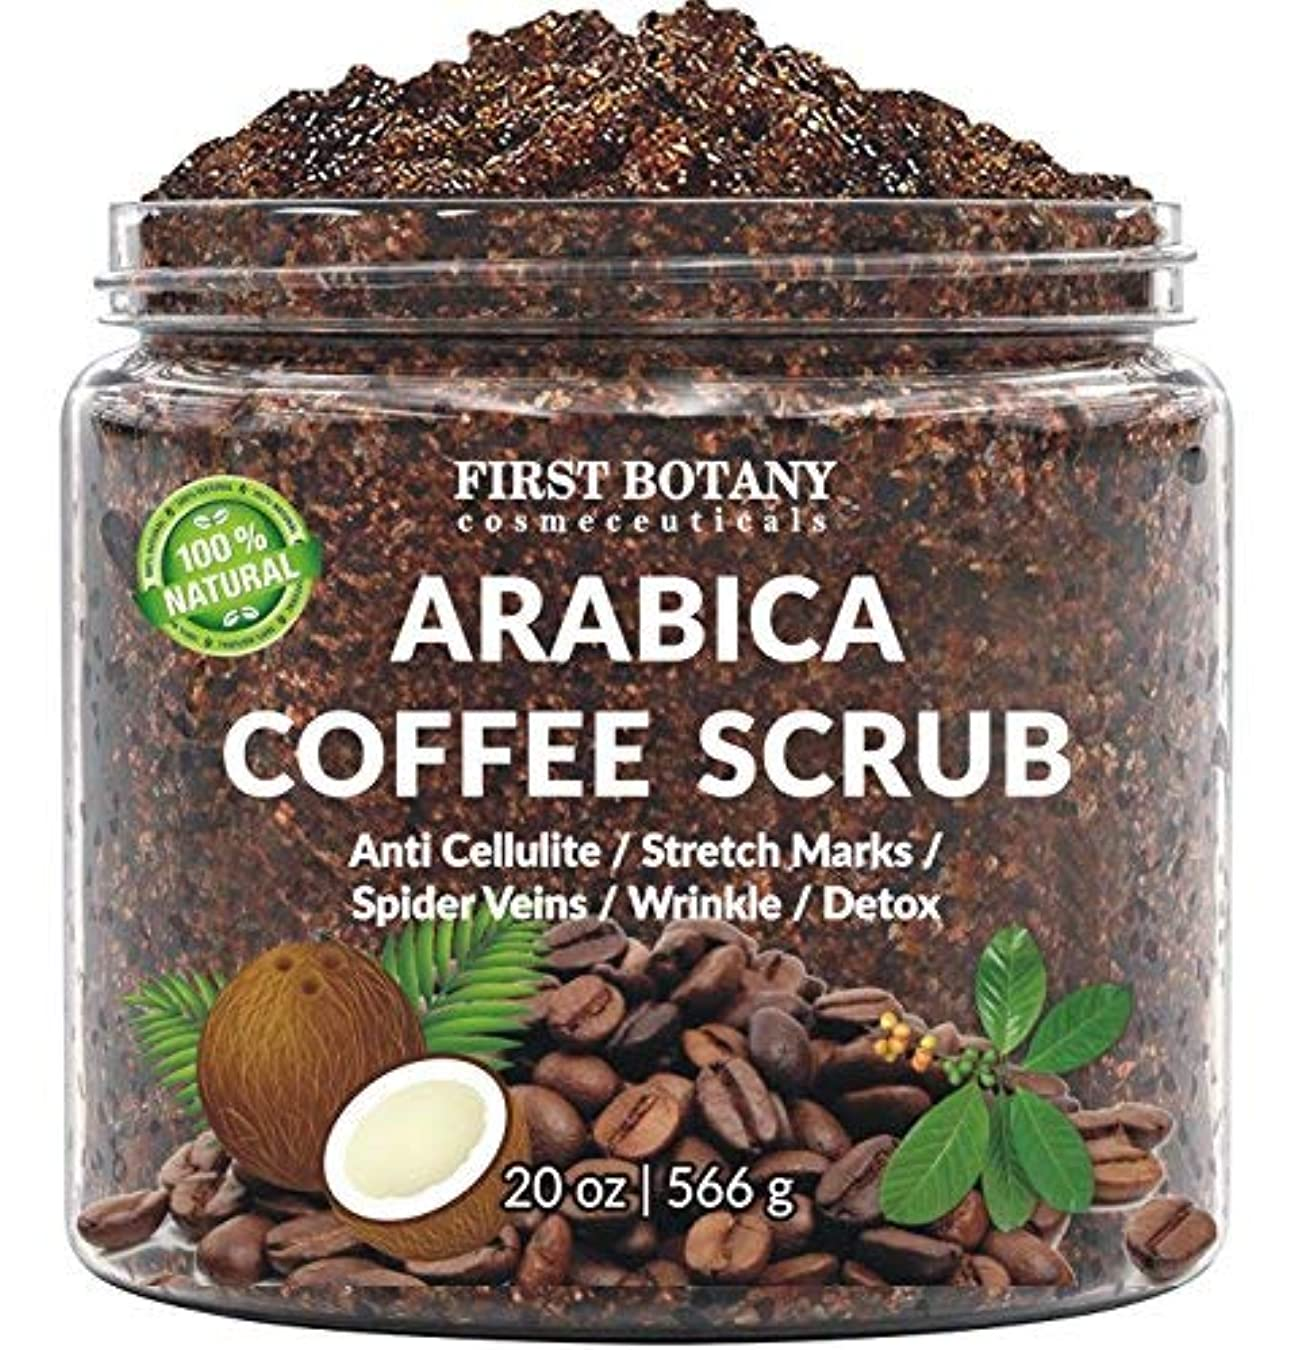 バレル事件、出来事反対100% ナチュラル アラビカ コーヒースクラブ with 有機コーヒー、ココナッツ、シアバター   ボディースクラブクリーム [海外直送品] (566グラム)